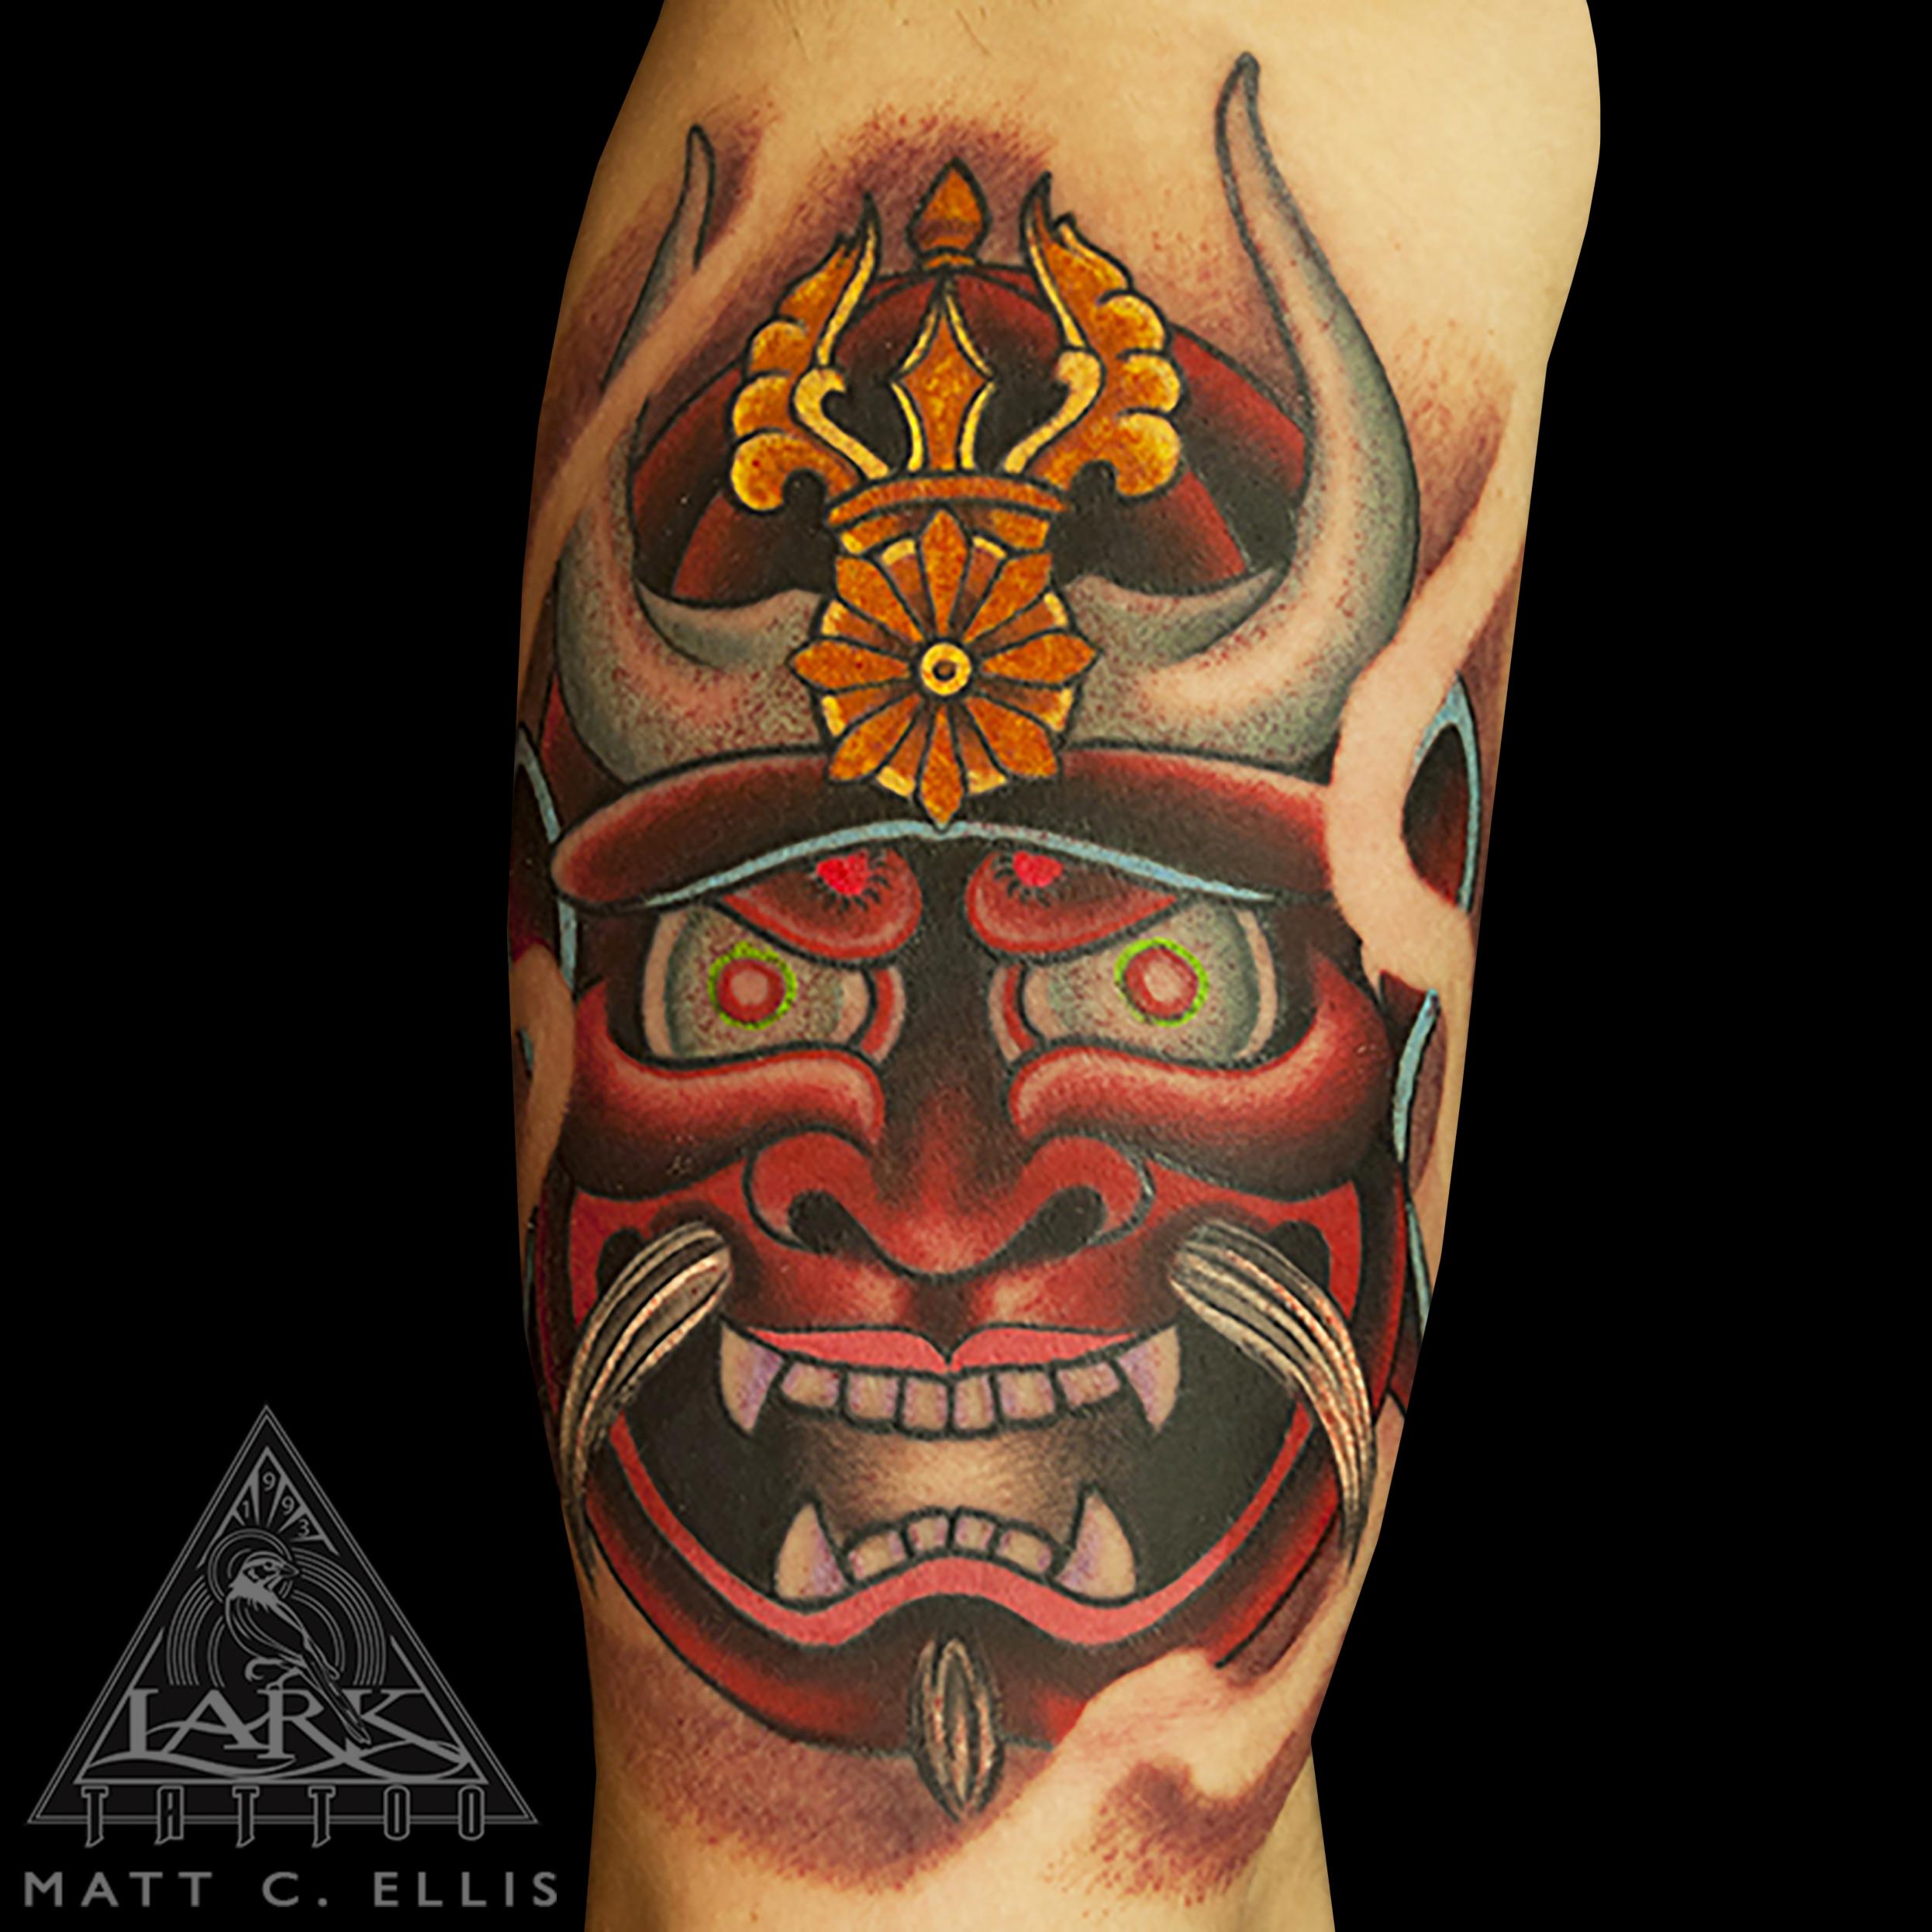 #Japanese #JapaneseTattoo #Oni #OniTattoo #OniMask #OniMaskTattoo #Samurai #SamuraiTattoo #SamuraiMask #SamuraiMaskTattoo #JapaneseDevil #JapaneseDevilTattoo #JapaneseDevilMask #JapaneseDevilMaskTattoo #ColorTattoo #tattoo #tattoos #tat #tats #tatts #tatted #tattedup #tattoist #tattooed #inked #inkedup #ink #tattoooftheday #amazingink #bodyart #tattooig #tattoosofinstagram #instatats #larktattoo #larktattoos #larktattoowestbury #westbury #longisland #NY #NewYork #usa #art